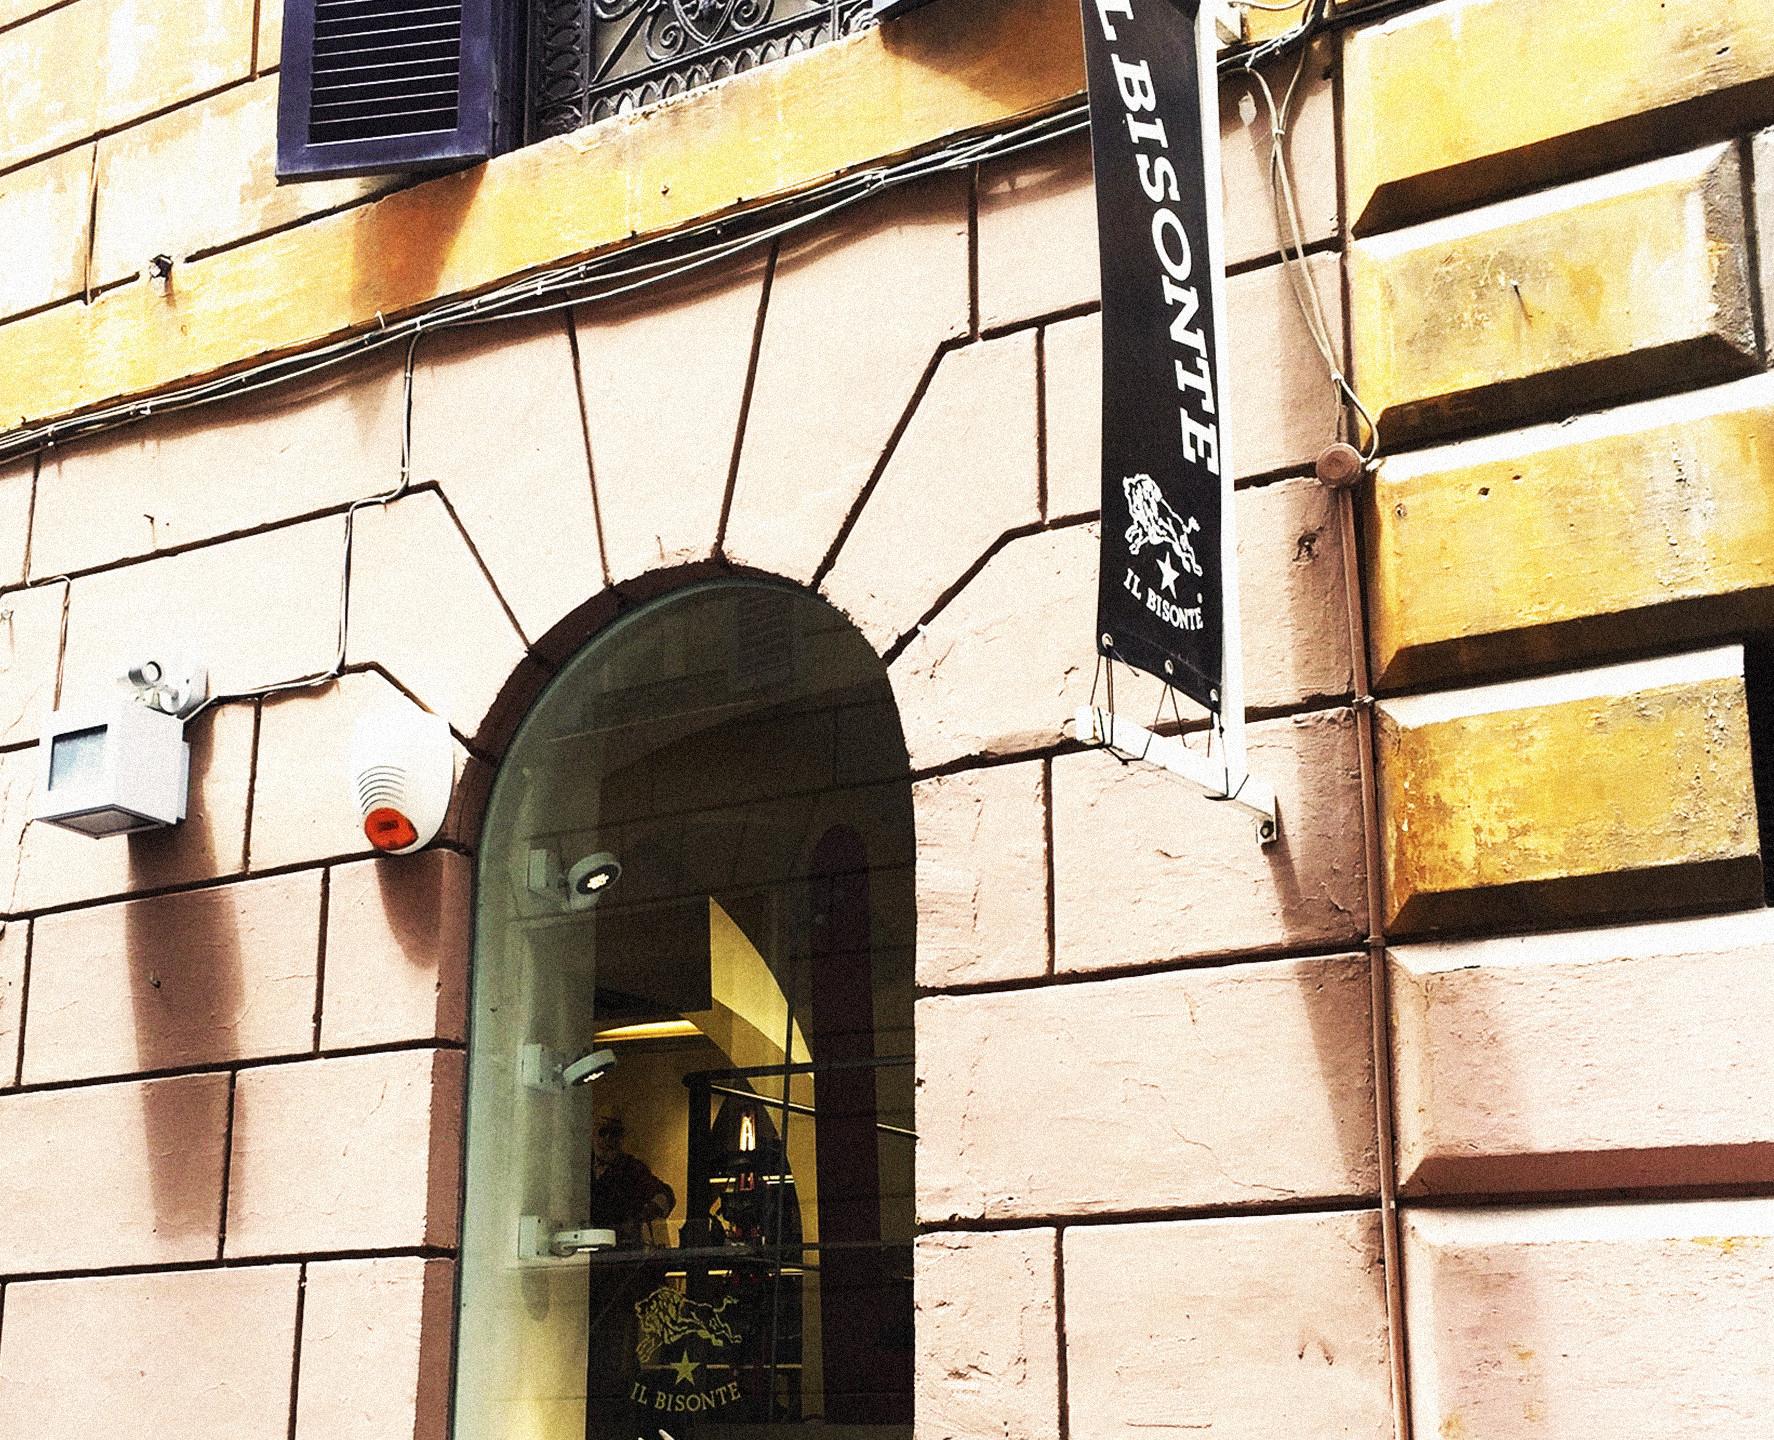 Roma-via borgognona